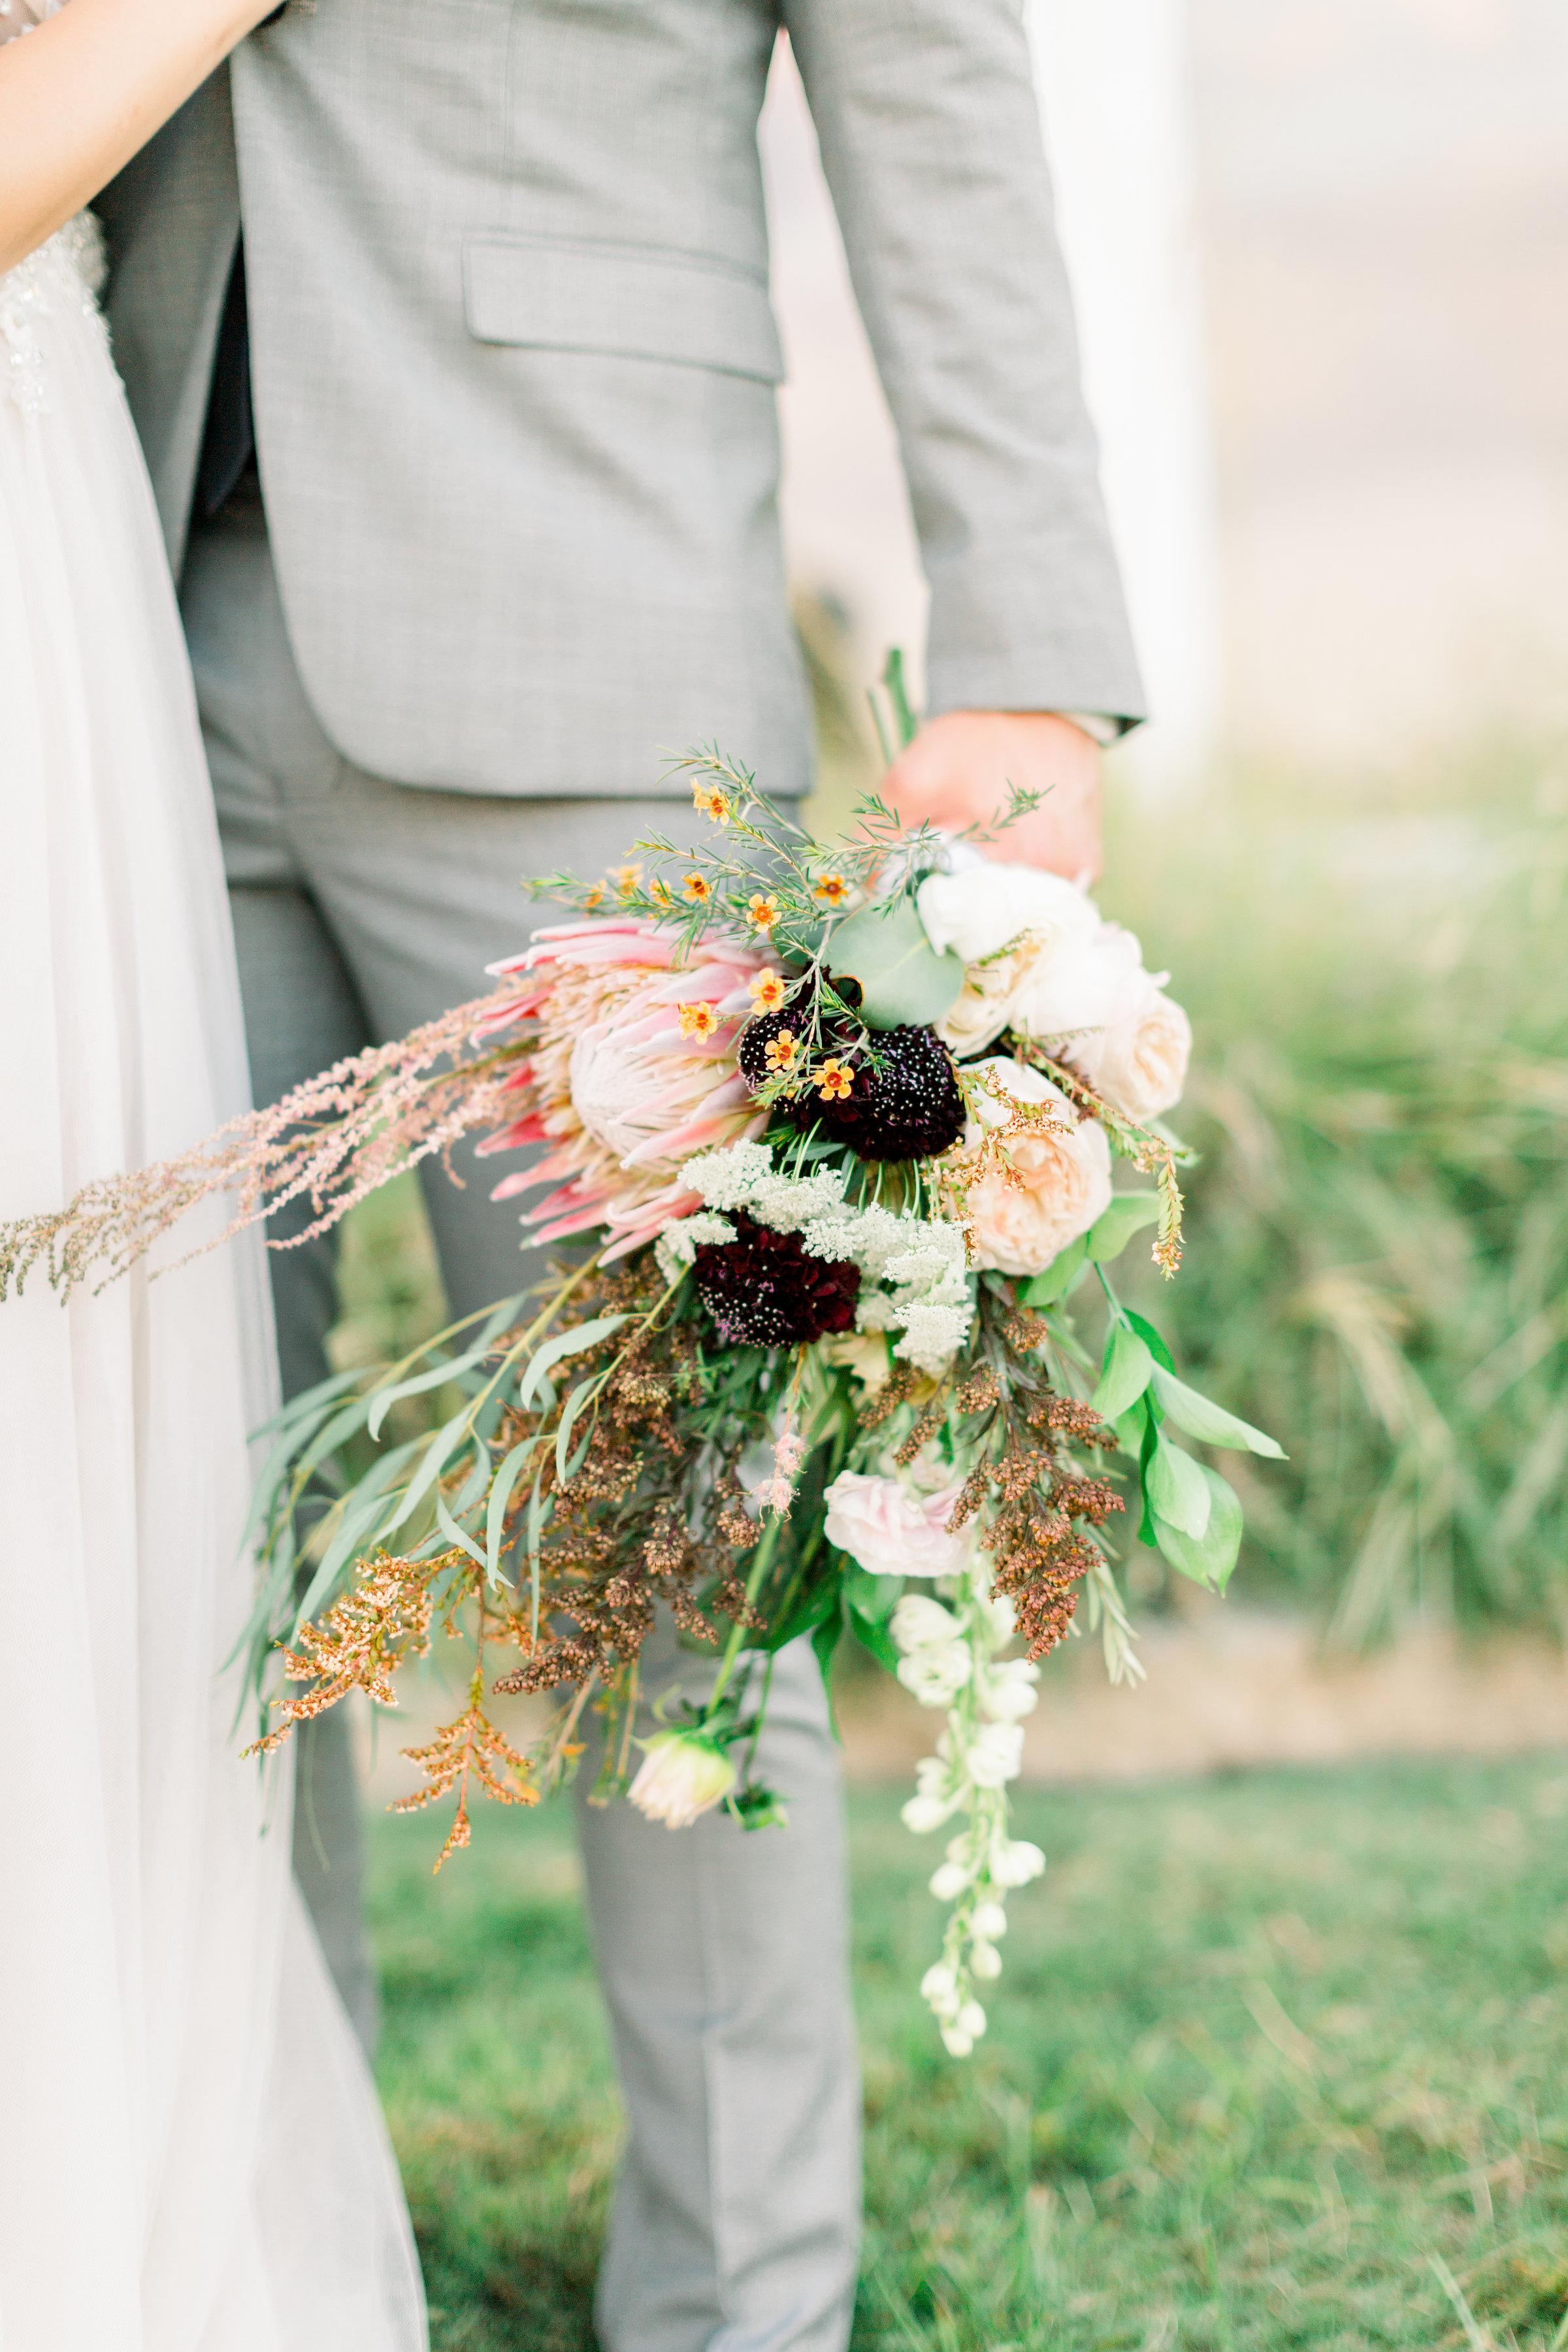 Fulleylove Photography Wedding Workshop - Emily + CarloPhotography: Fulleylove PhotographyPlanner: Shelby/Lean on Me EventsFlorist: Petite Fleur Co.Venue: The Farmhouse